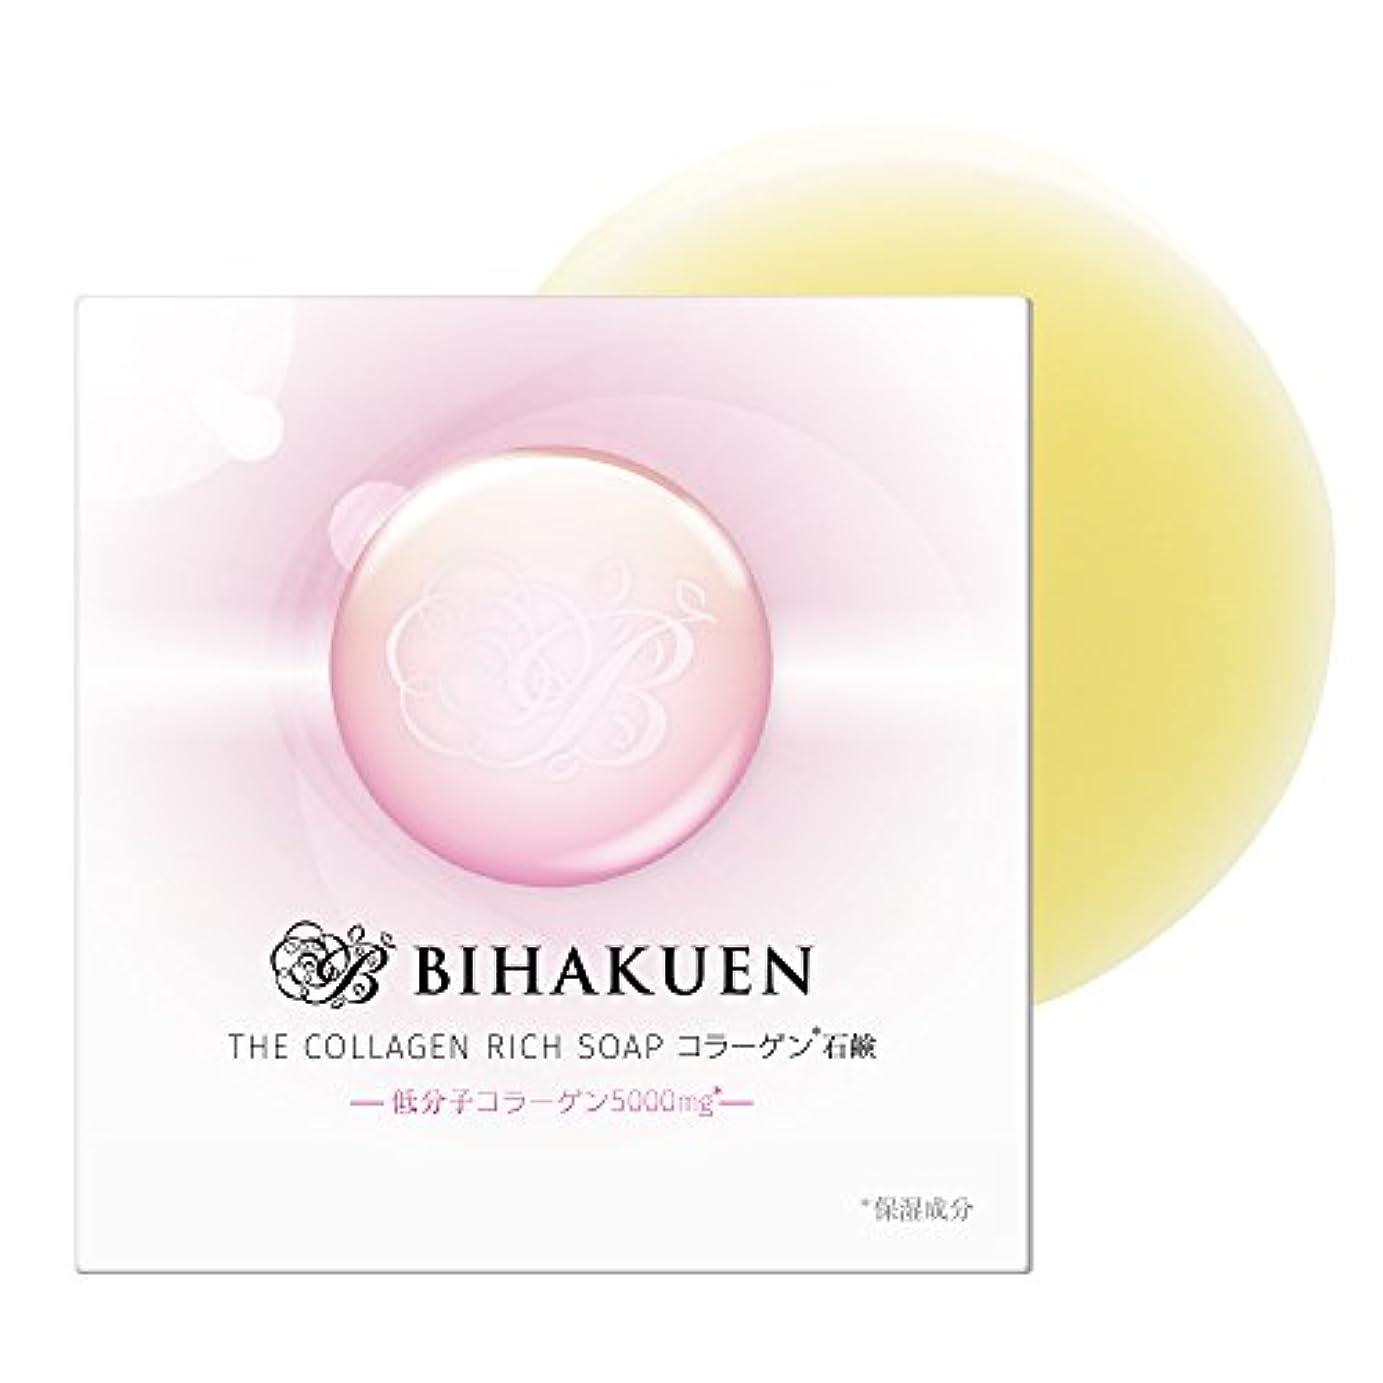 増幅器保存作業(BIHAKUEN)コラーゲン石鹸100g (1個)